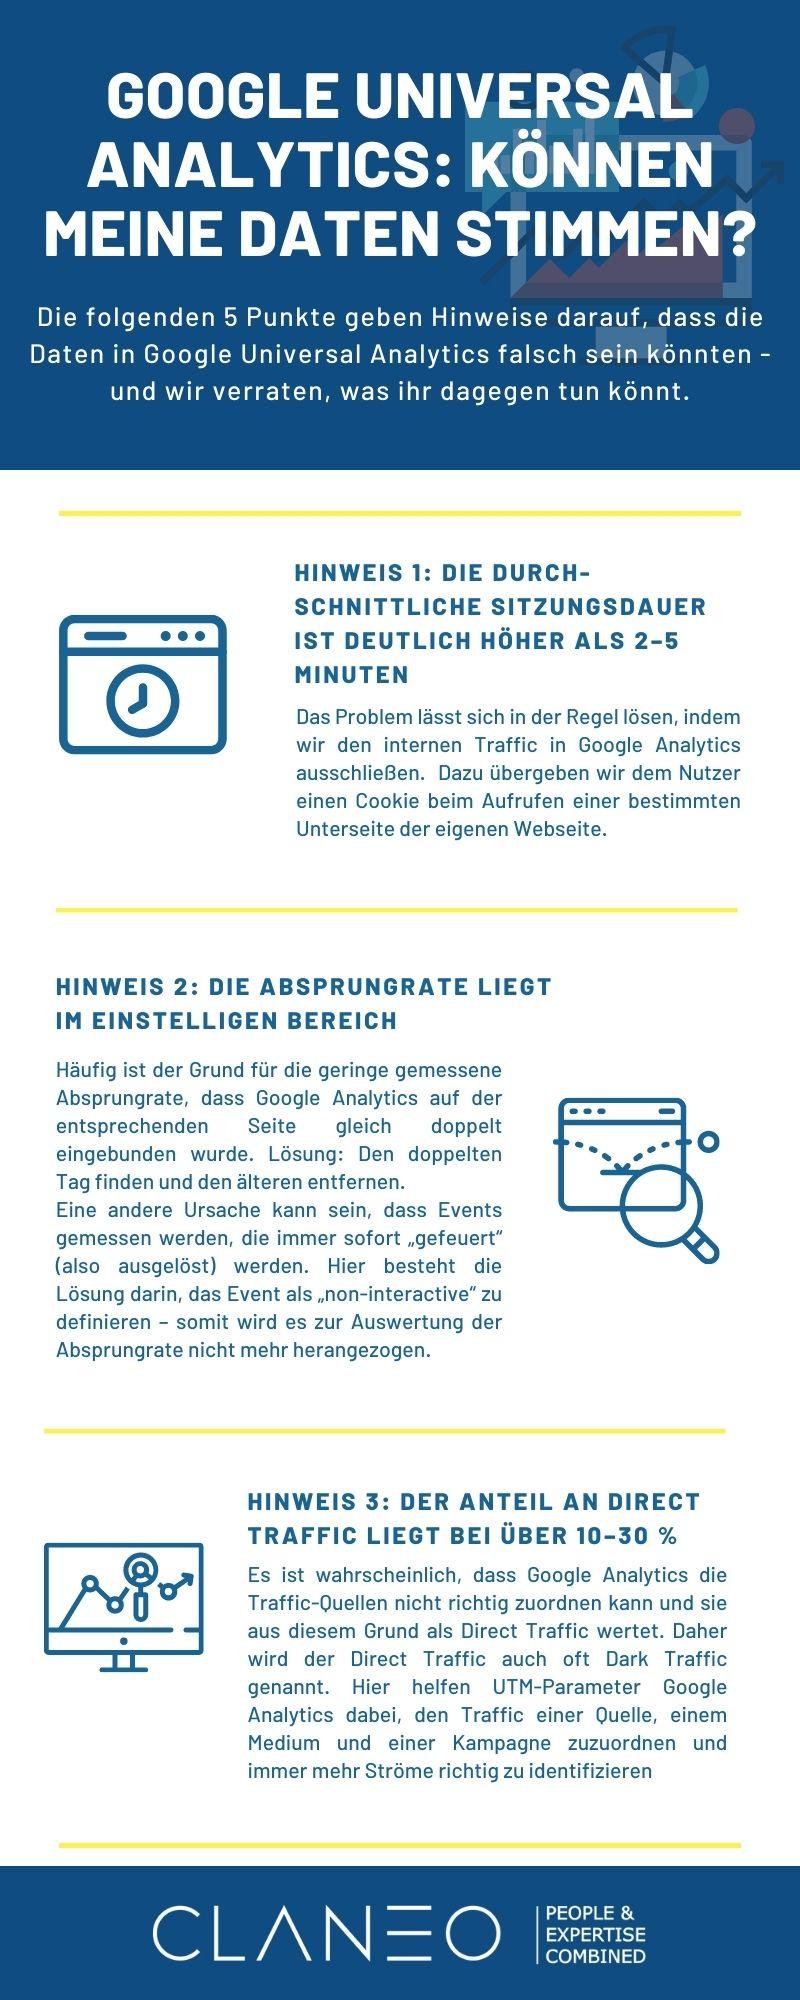 Infografik: 5 Hinweise auf einen Blick